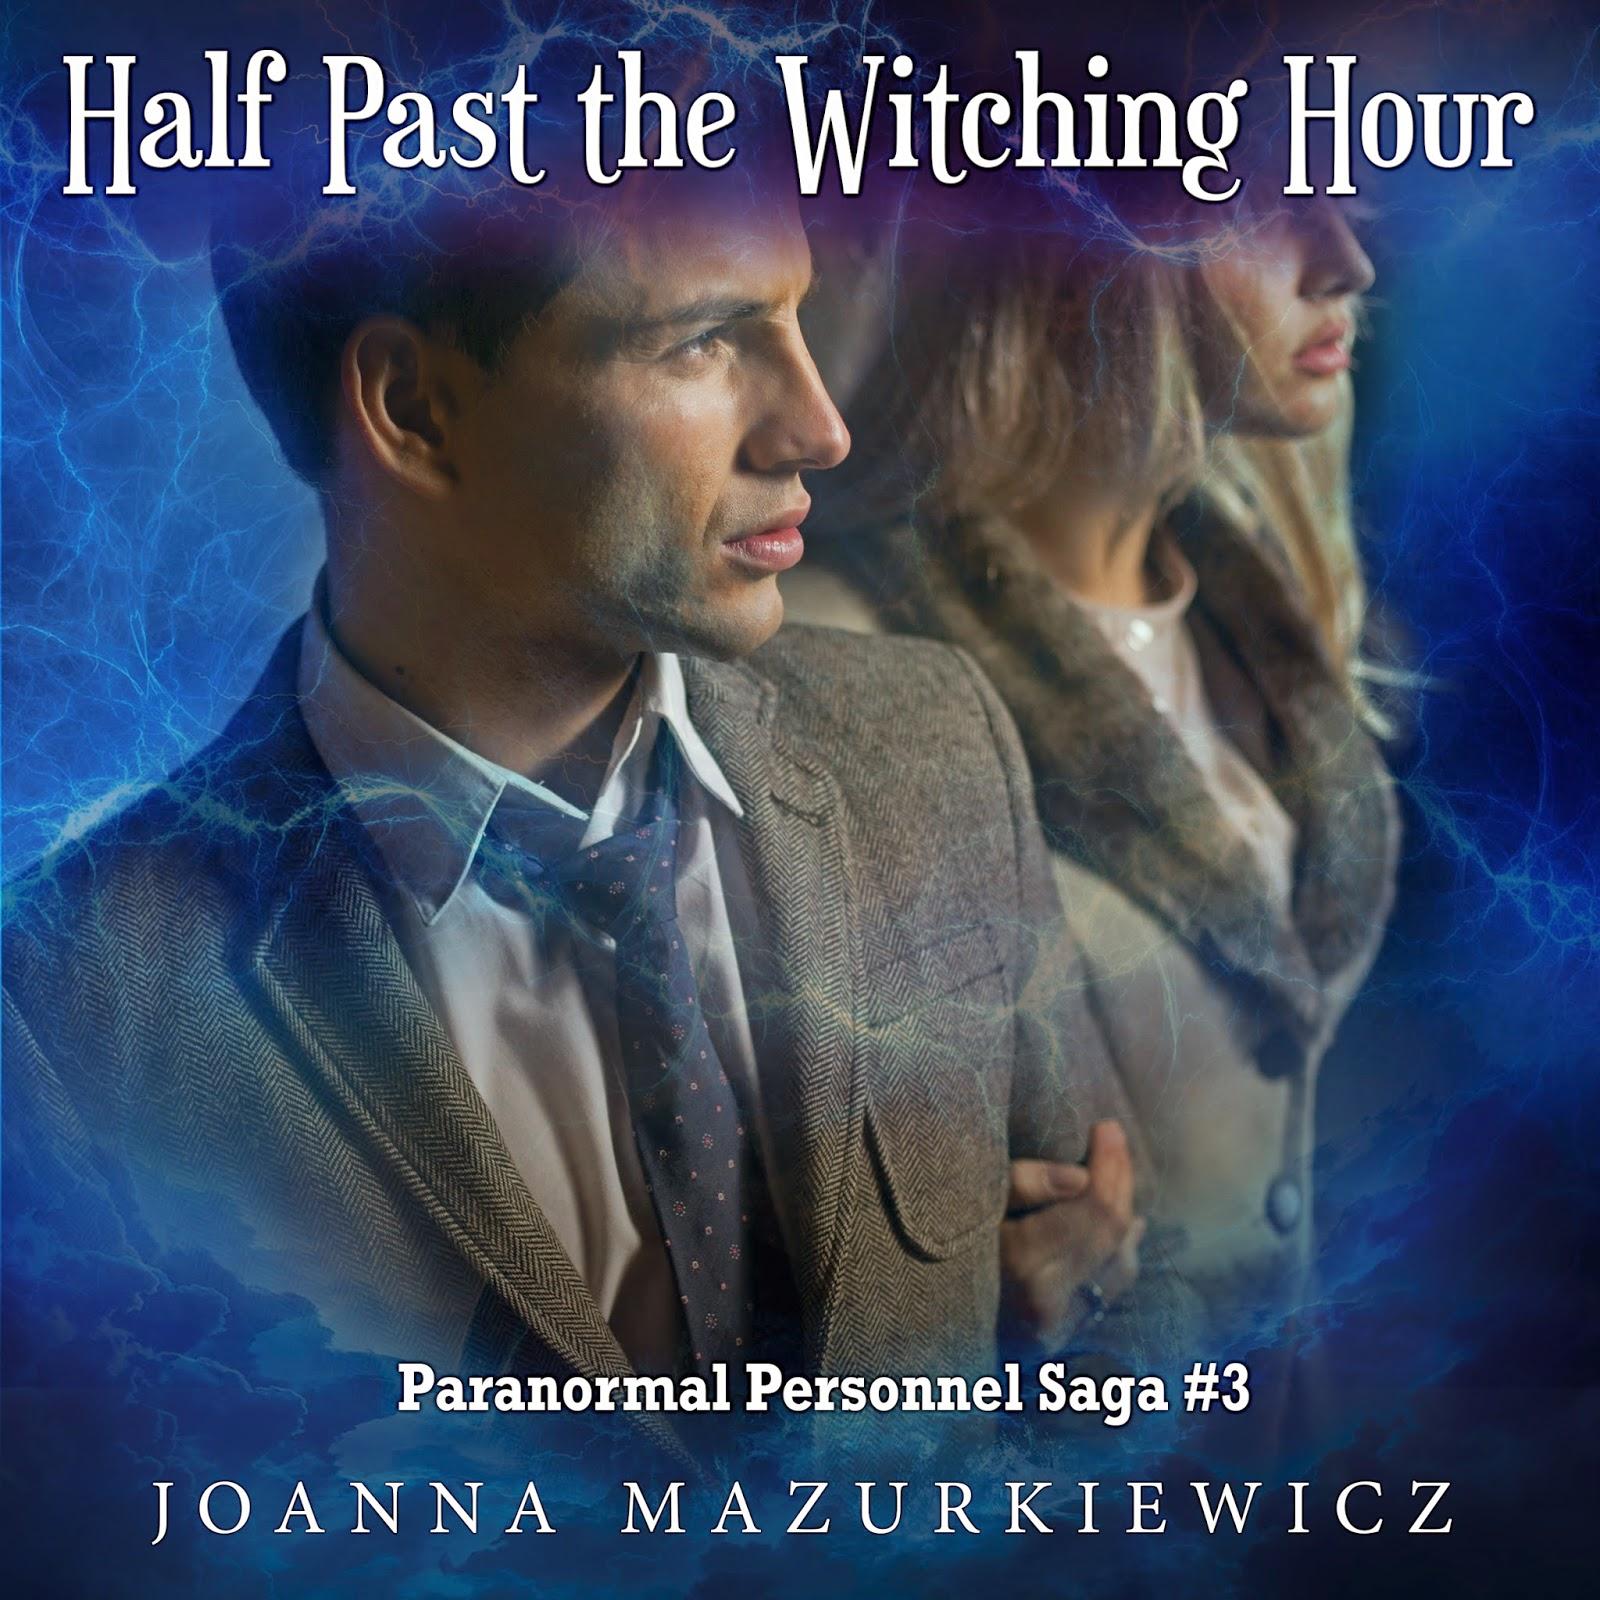 Joanna Mazurkiewicz S Blog